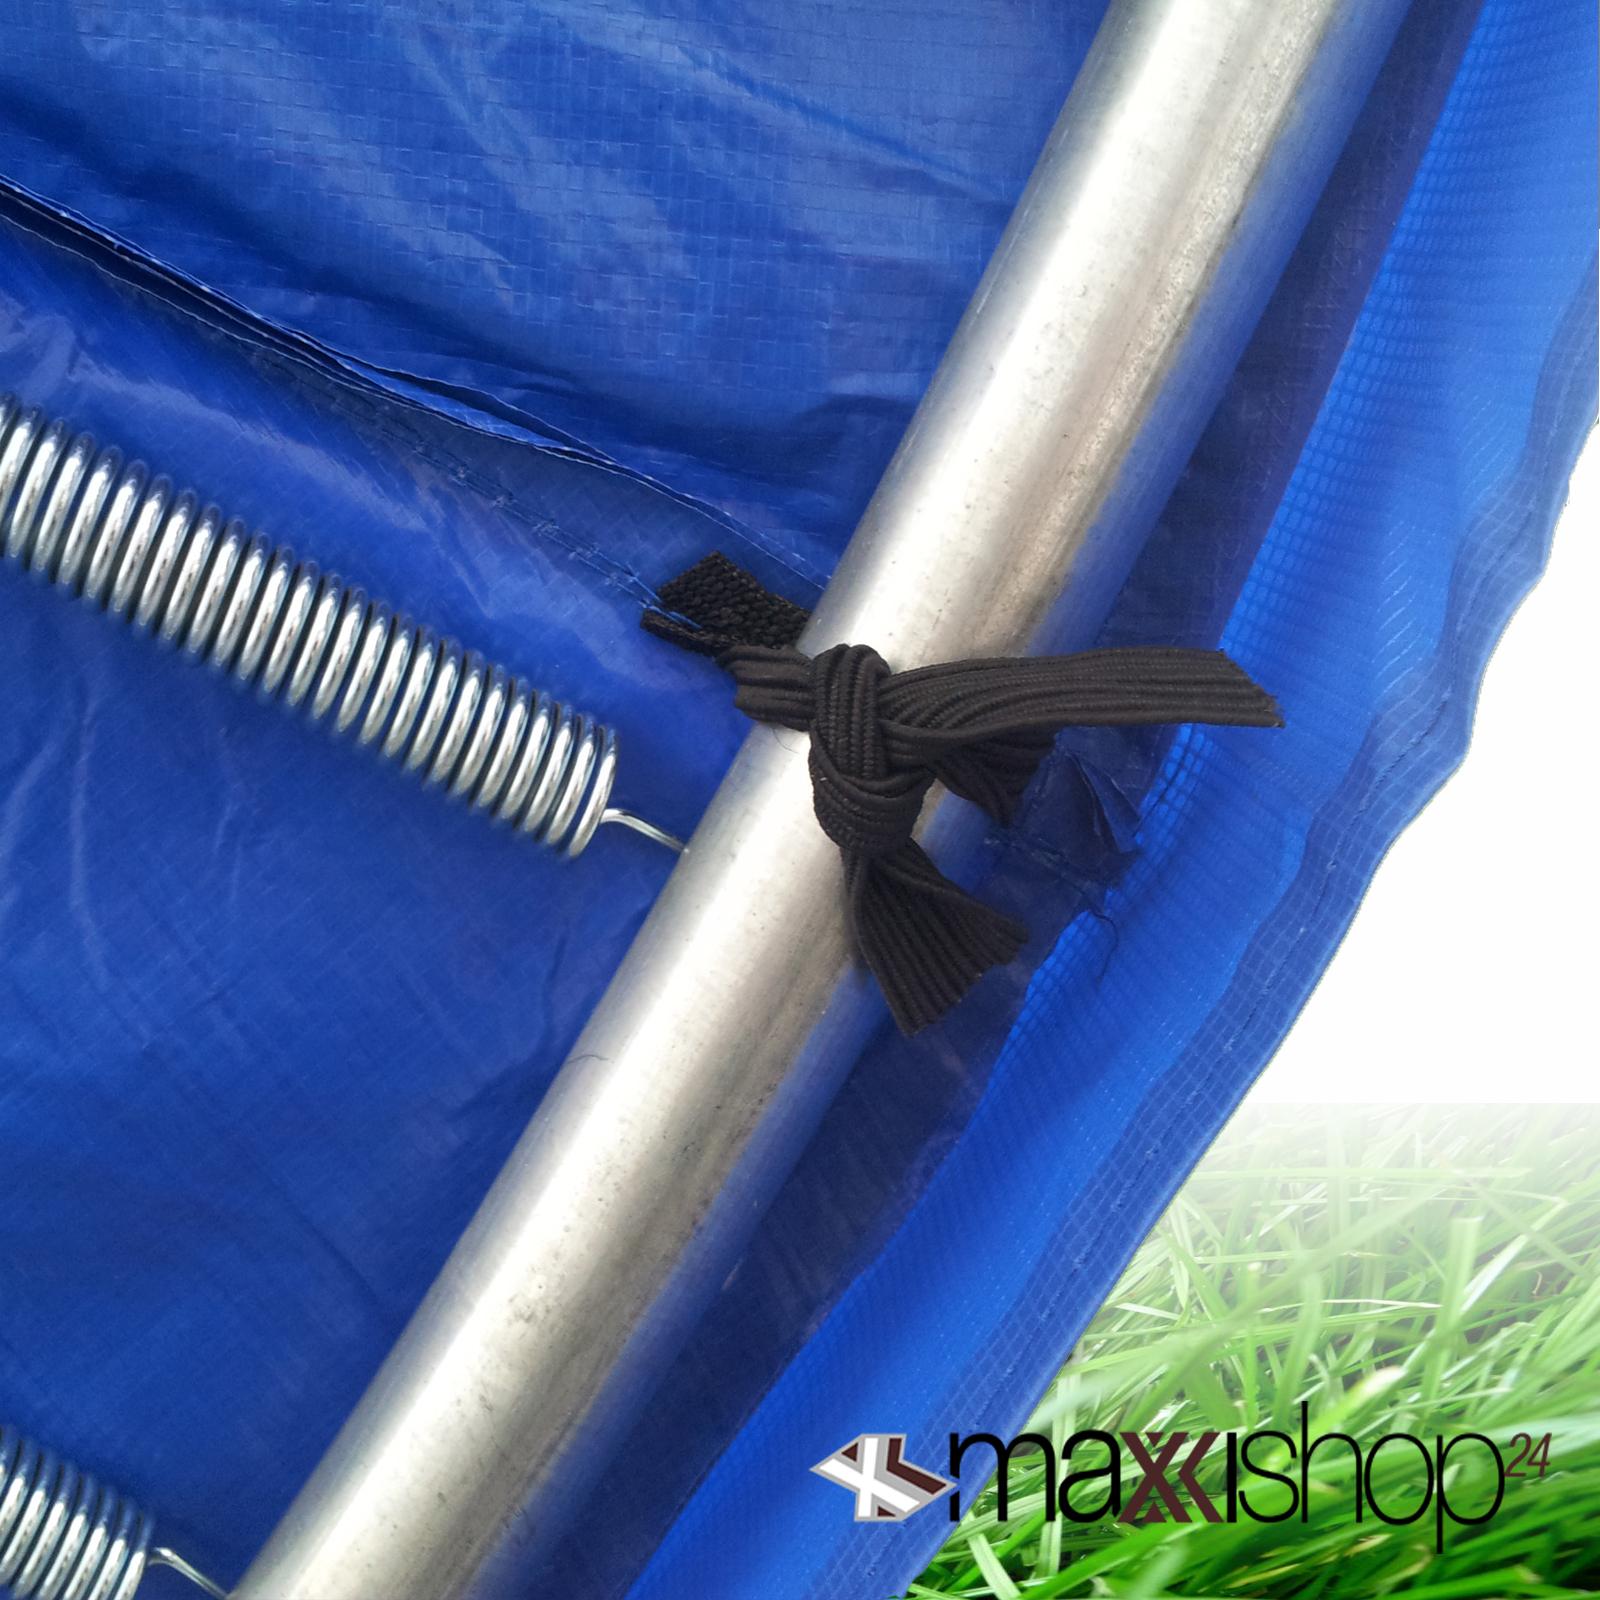 trampolin 305 366 430 cm ersatzteile netz randabdeckung sprungtuch federn leiter. Black Bedroom Furniture Sets. Home Design Ideas